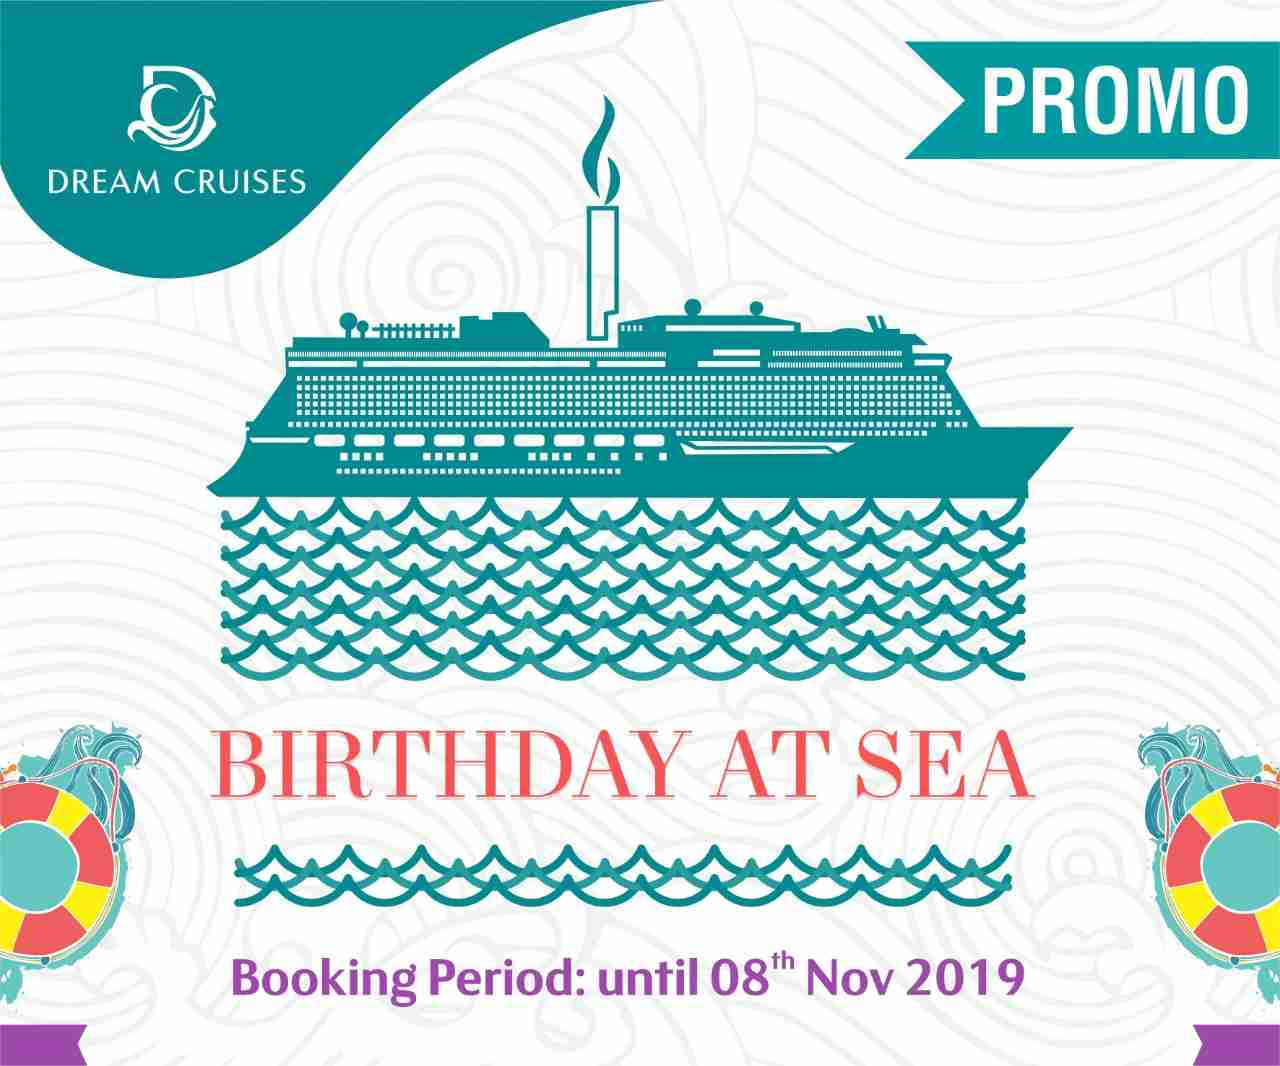 Birthday at sea